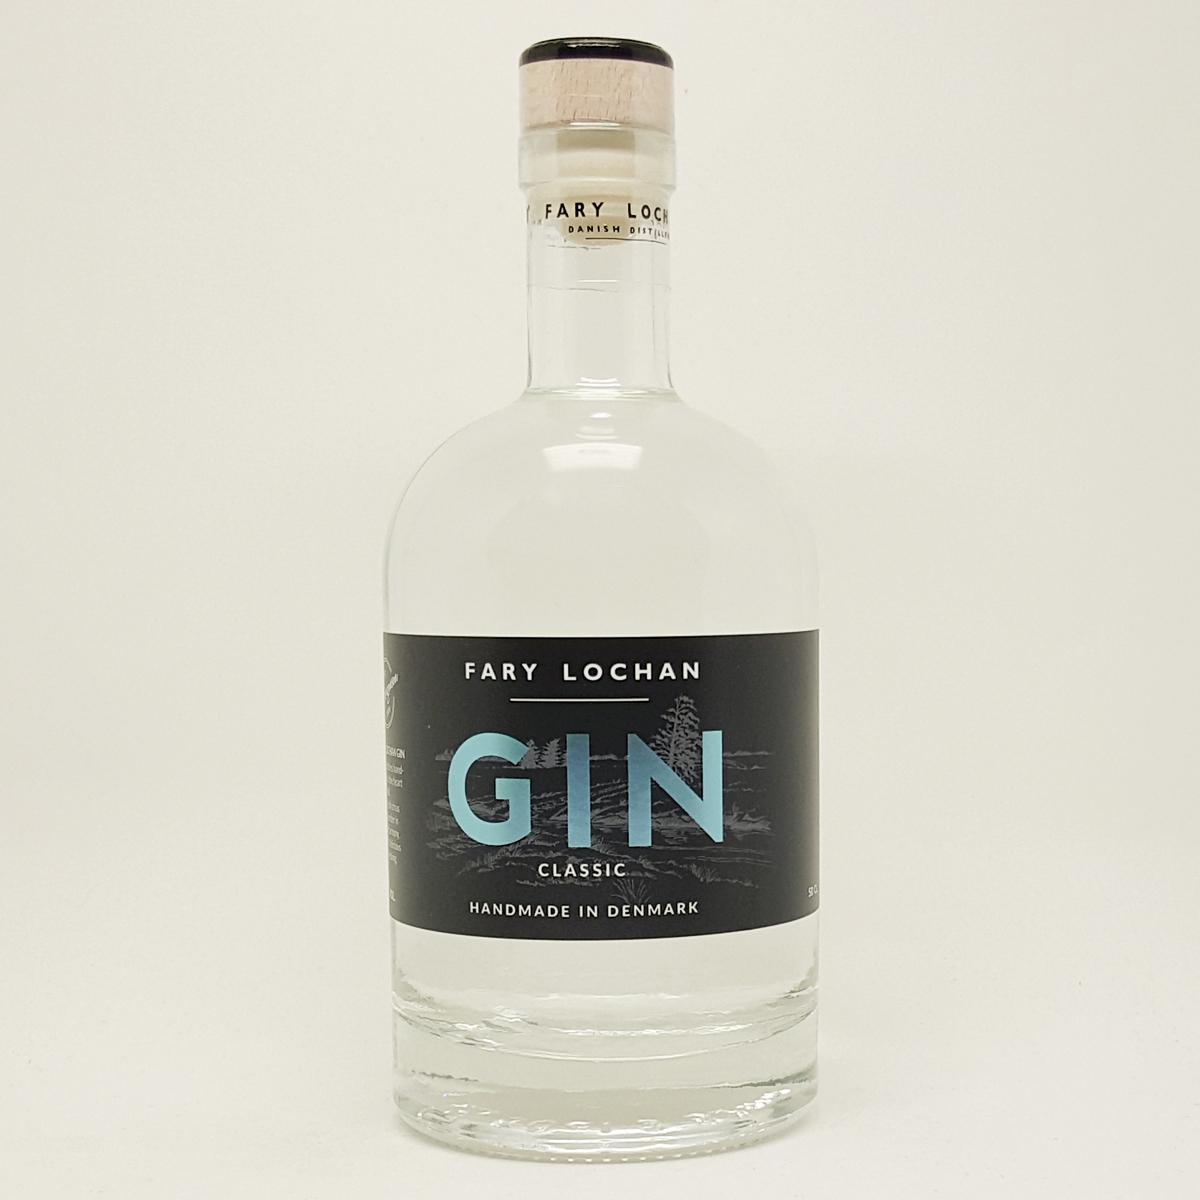 Gin_Classic_Fary_Lochan